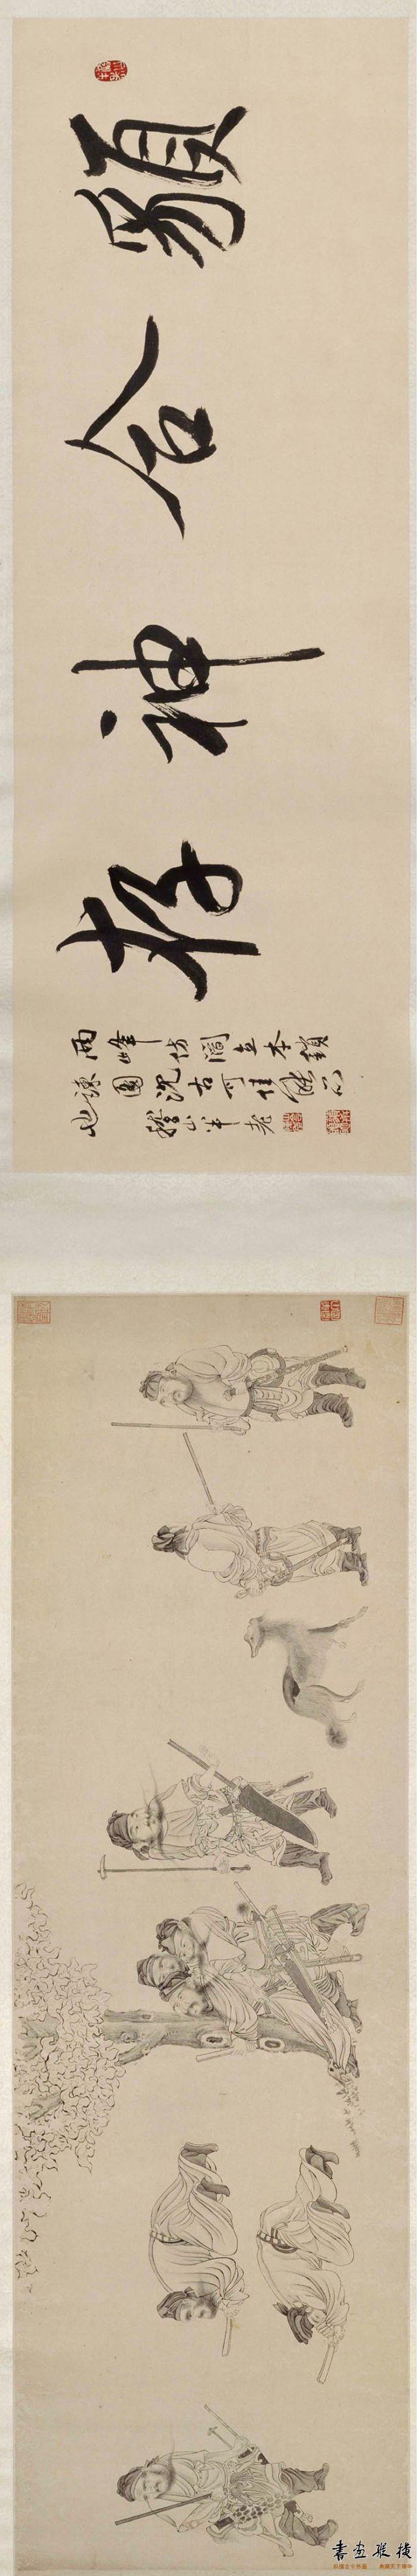 清 罗聘 锁谏图卷 纸本 墨笔 纵32厘米 横208厘米 01